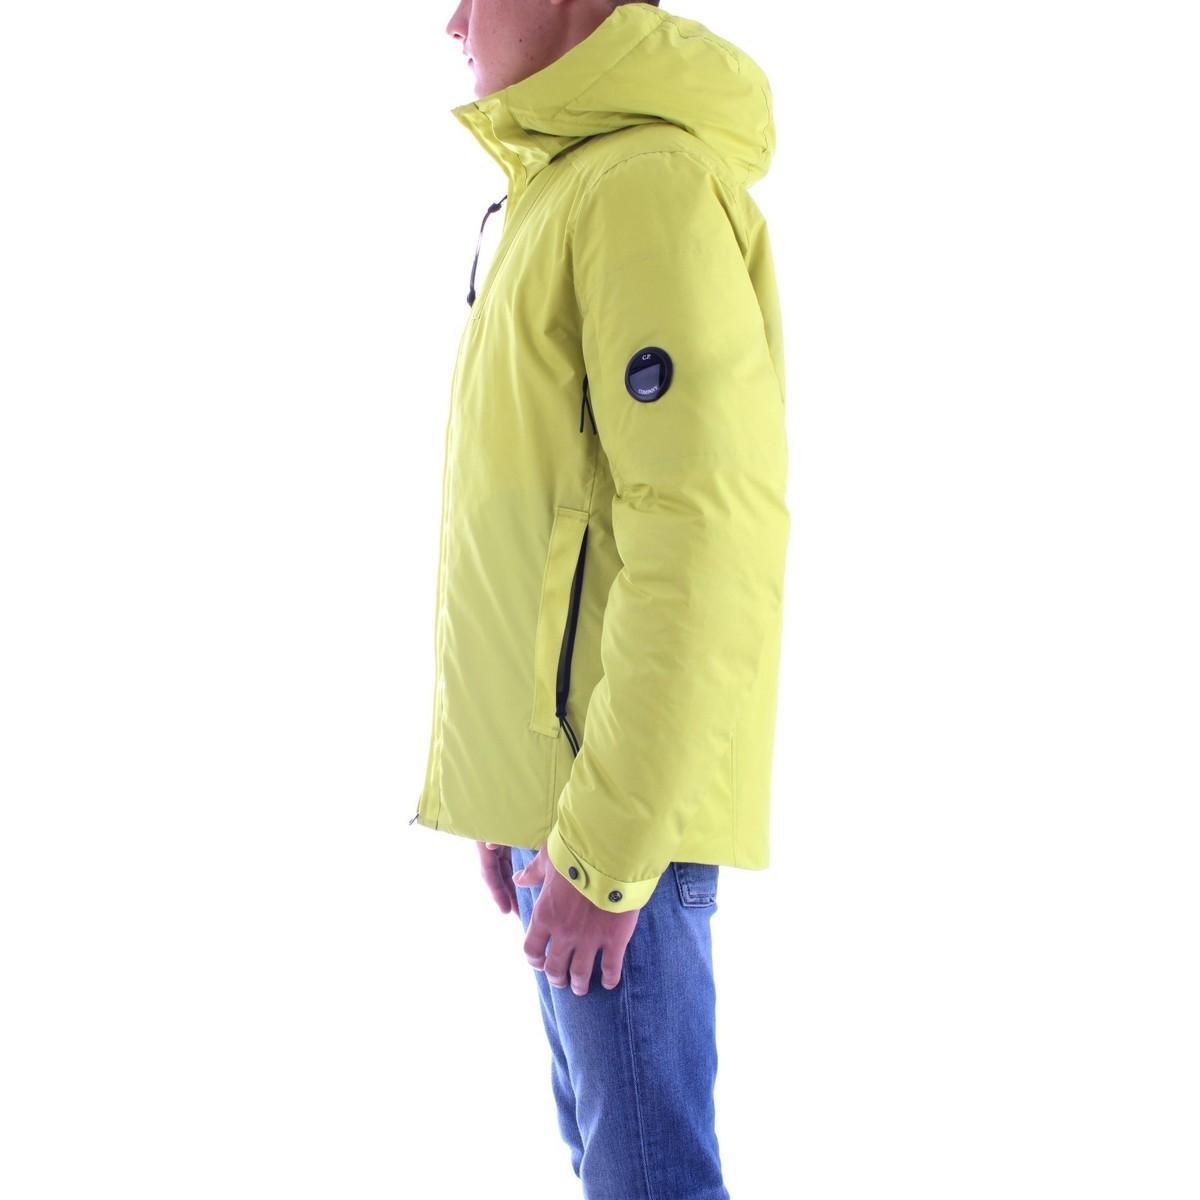 07CMOW168A-004275A hommes Blouson en jaune C P Company pour homme en coloris Jaune OT71o